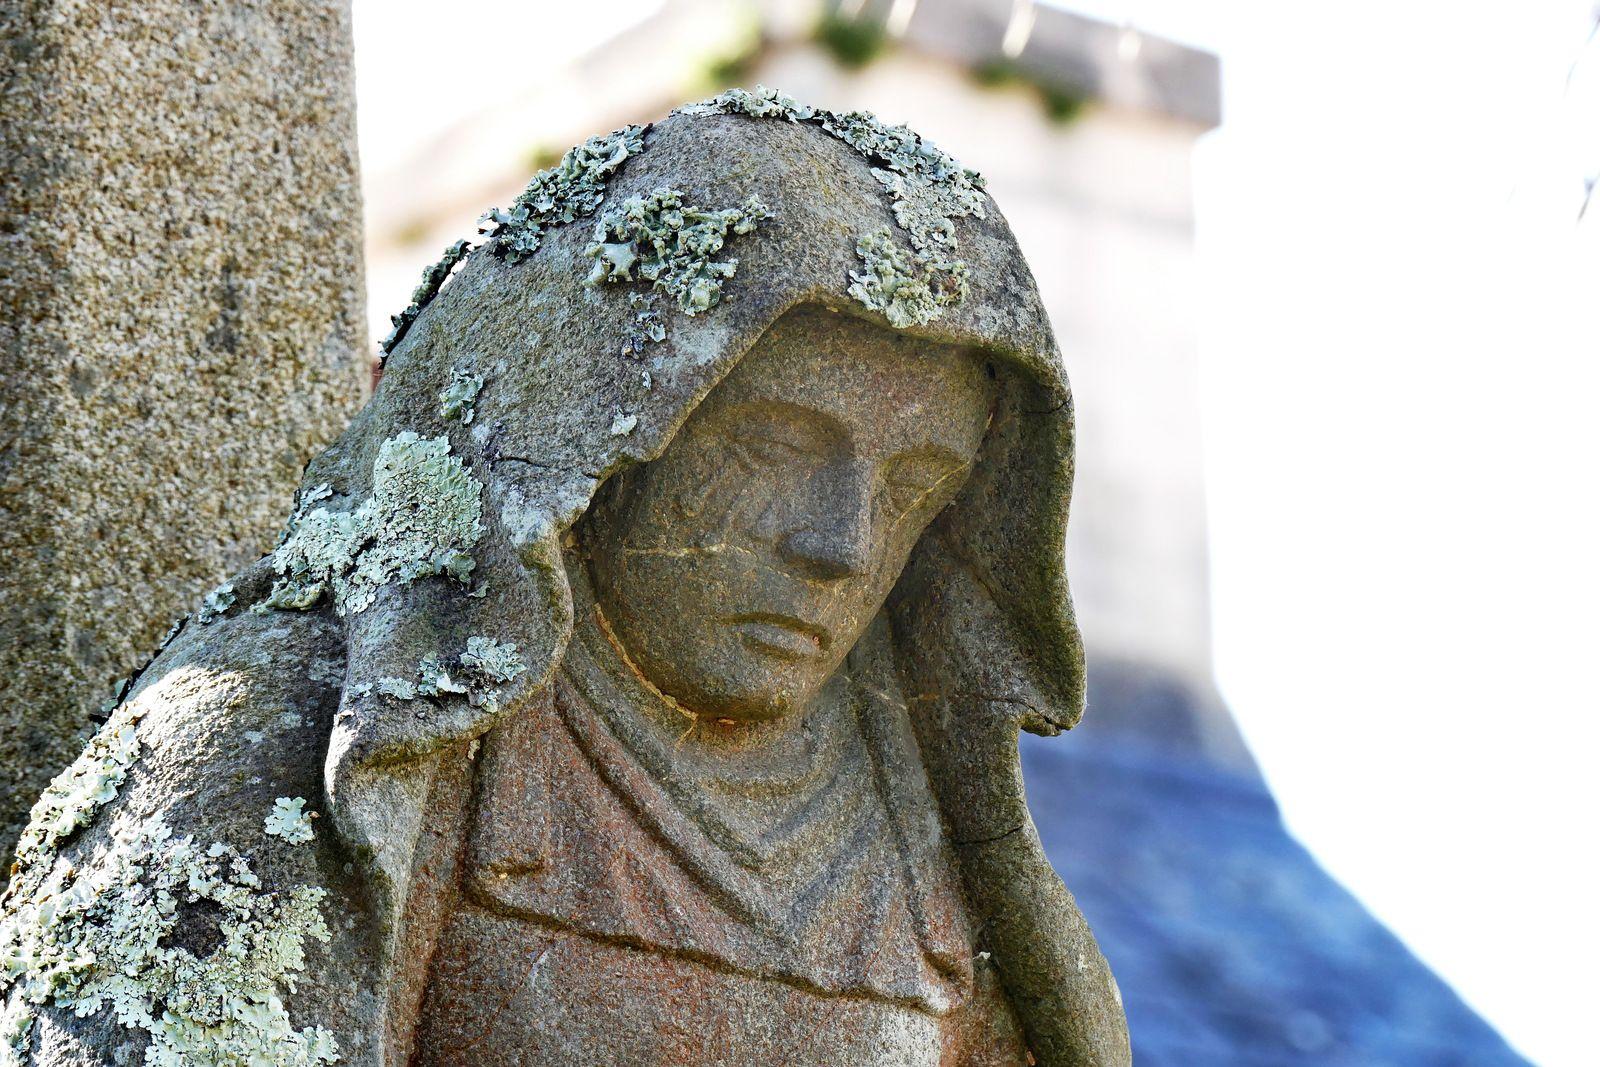 La Vierge de Pitié (kersanton, vers 1550, atelier Prigent) du calvaire de la rue de la Tour d'Auvergne à Landerneau. Photographie lavieb-aile mai 2021.